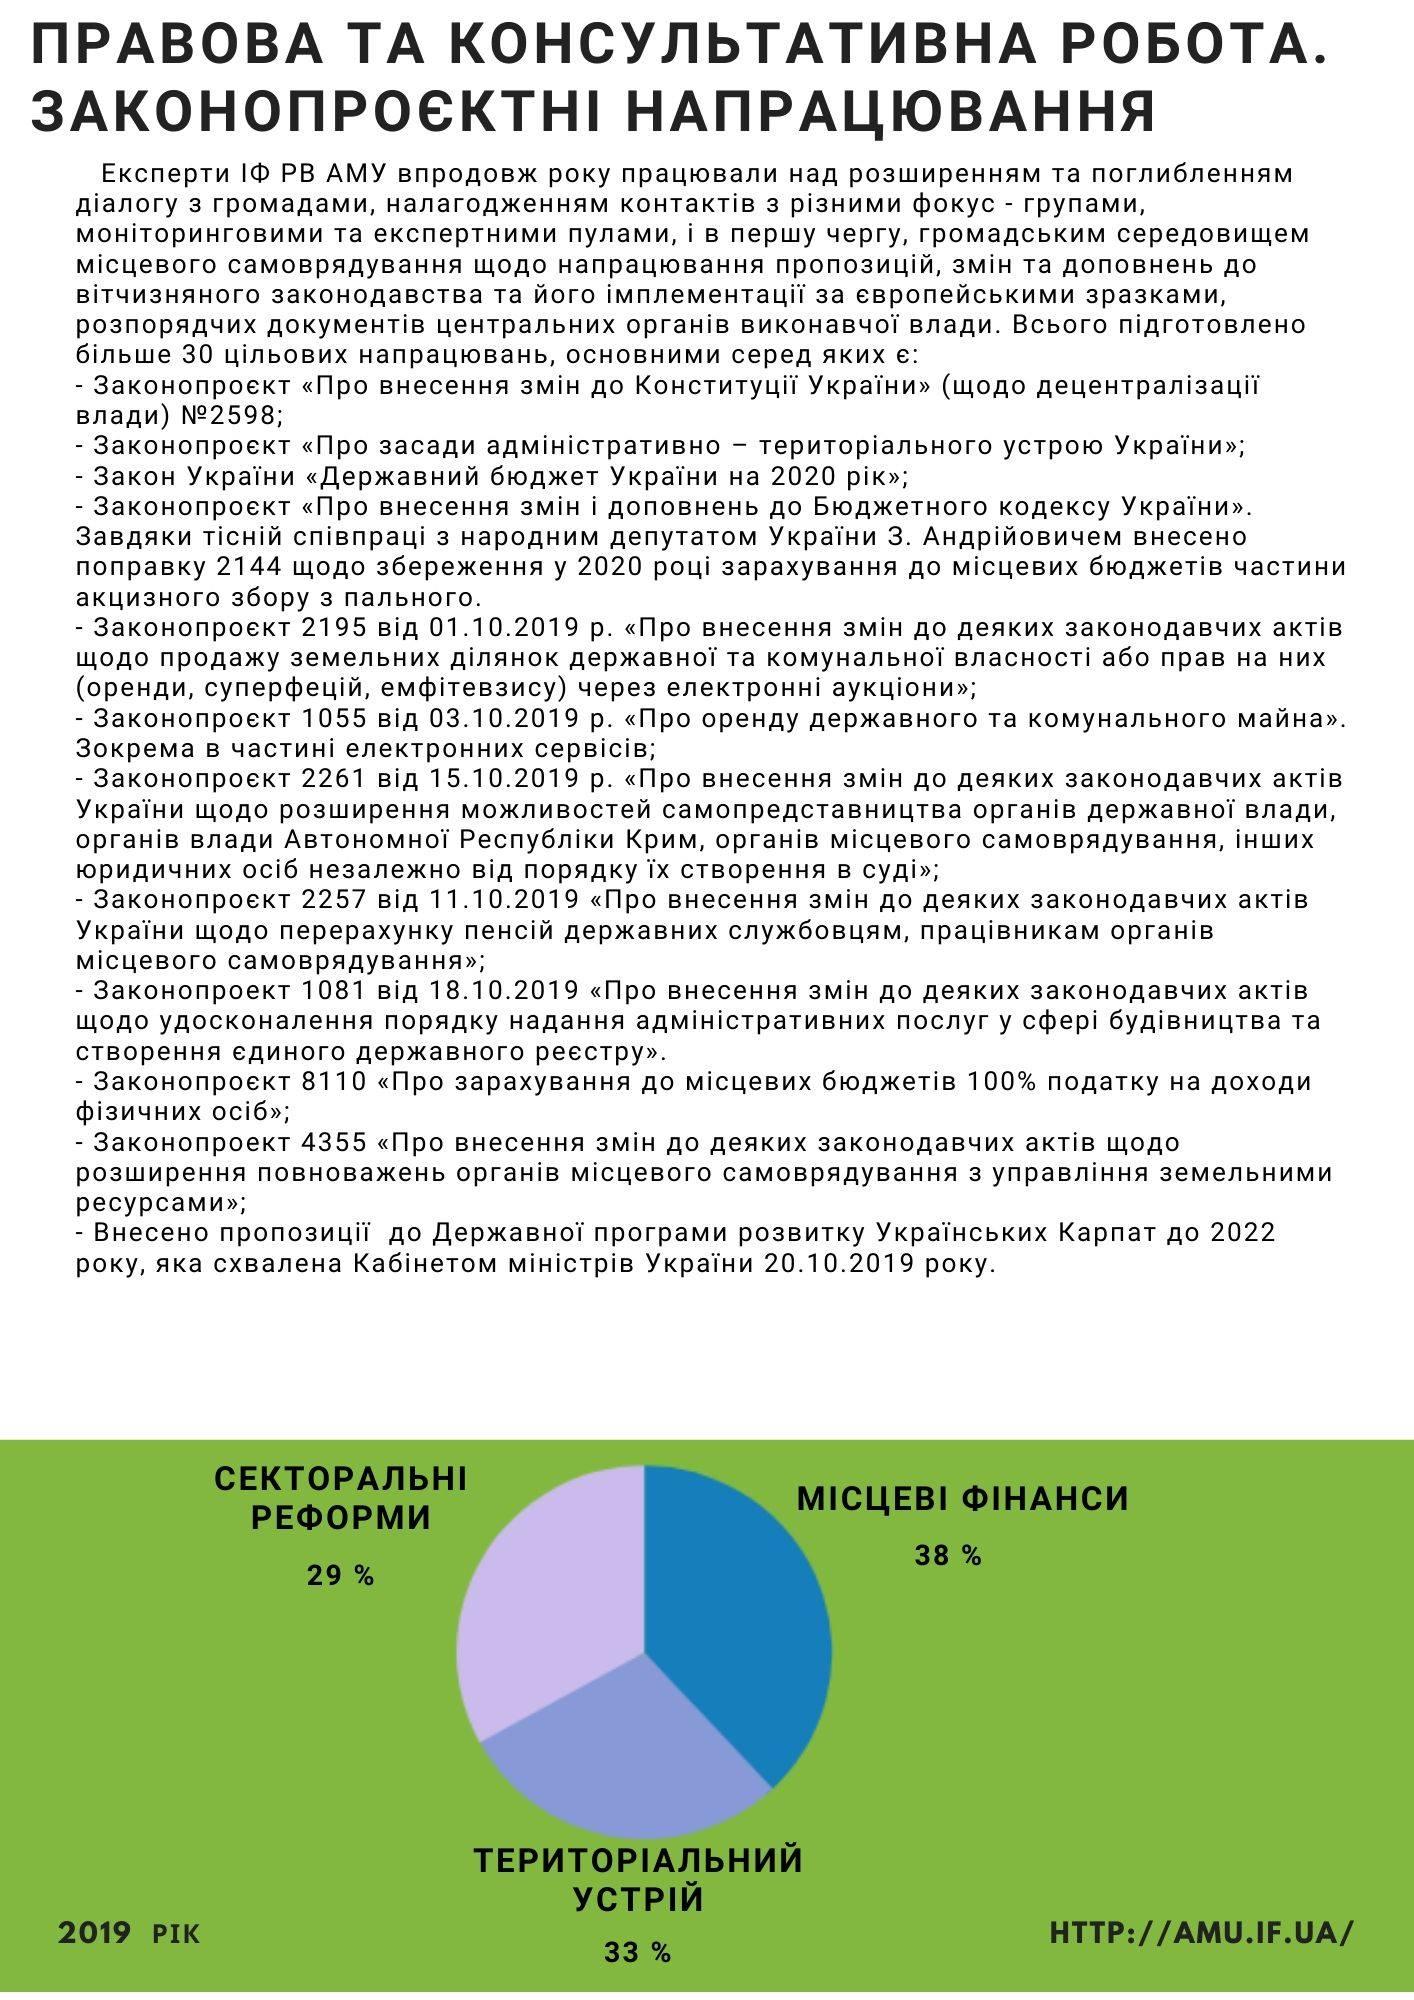 Звіт про роботу ІФ РВ АМУ за 2019 рік